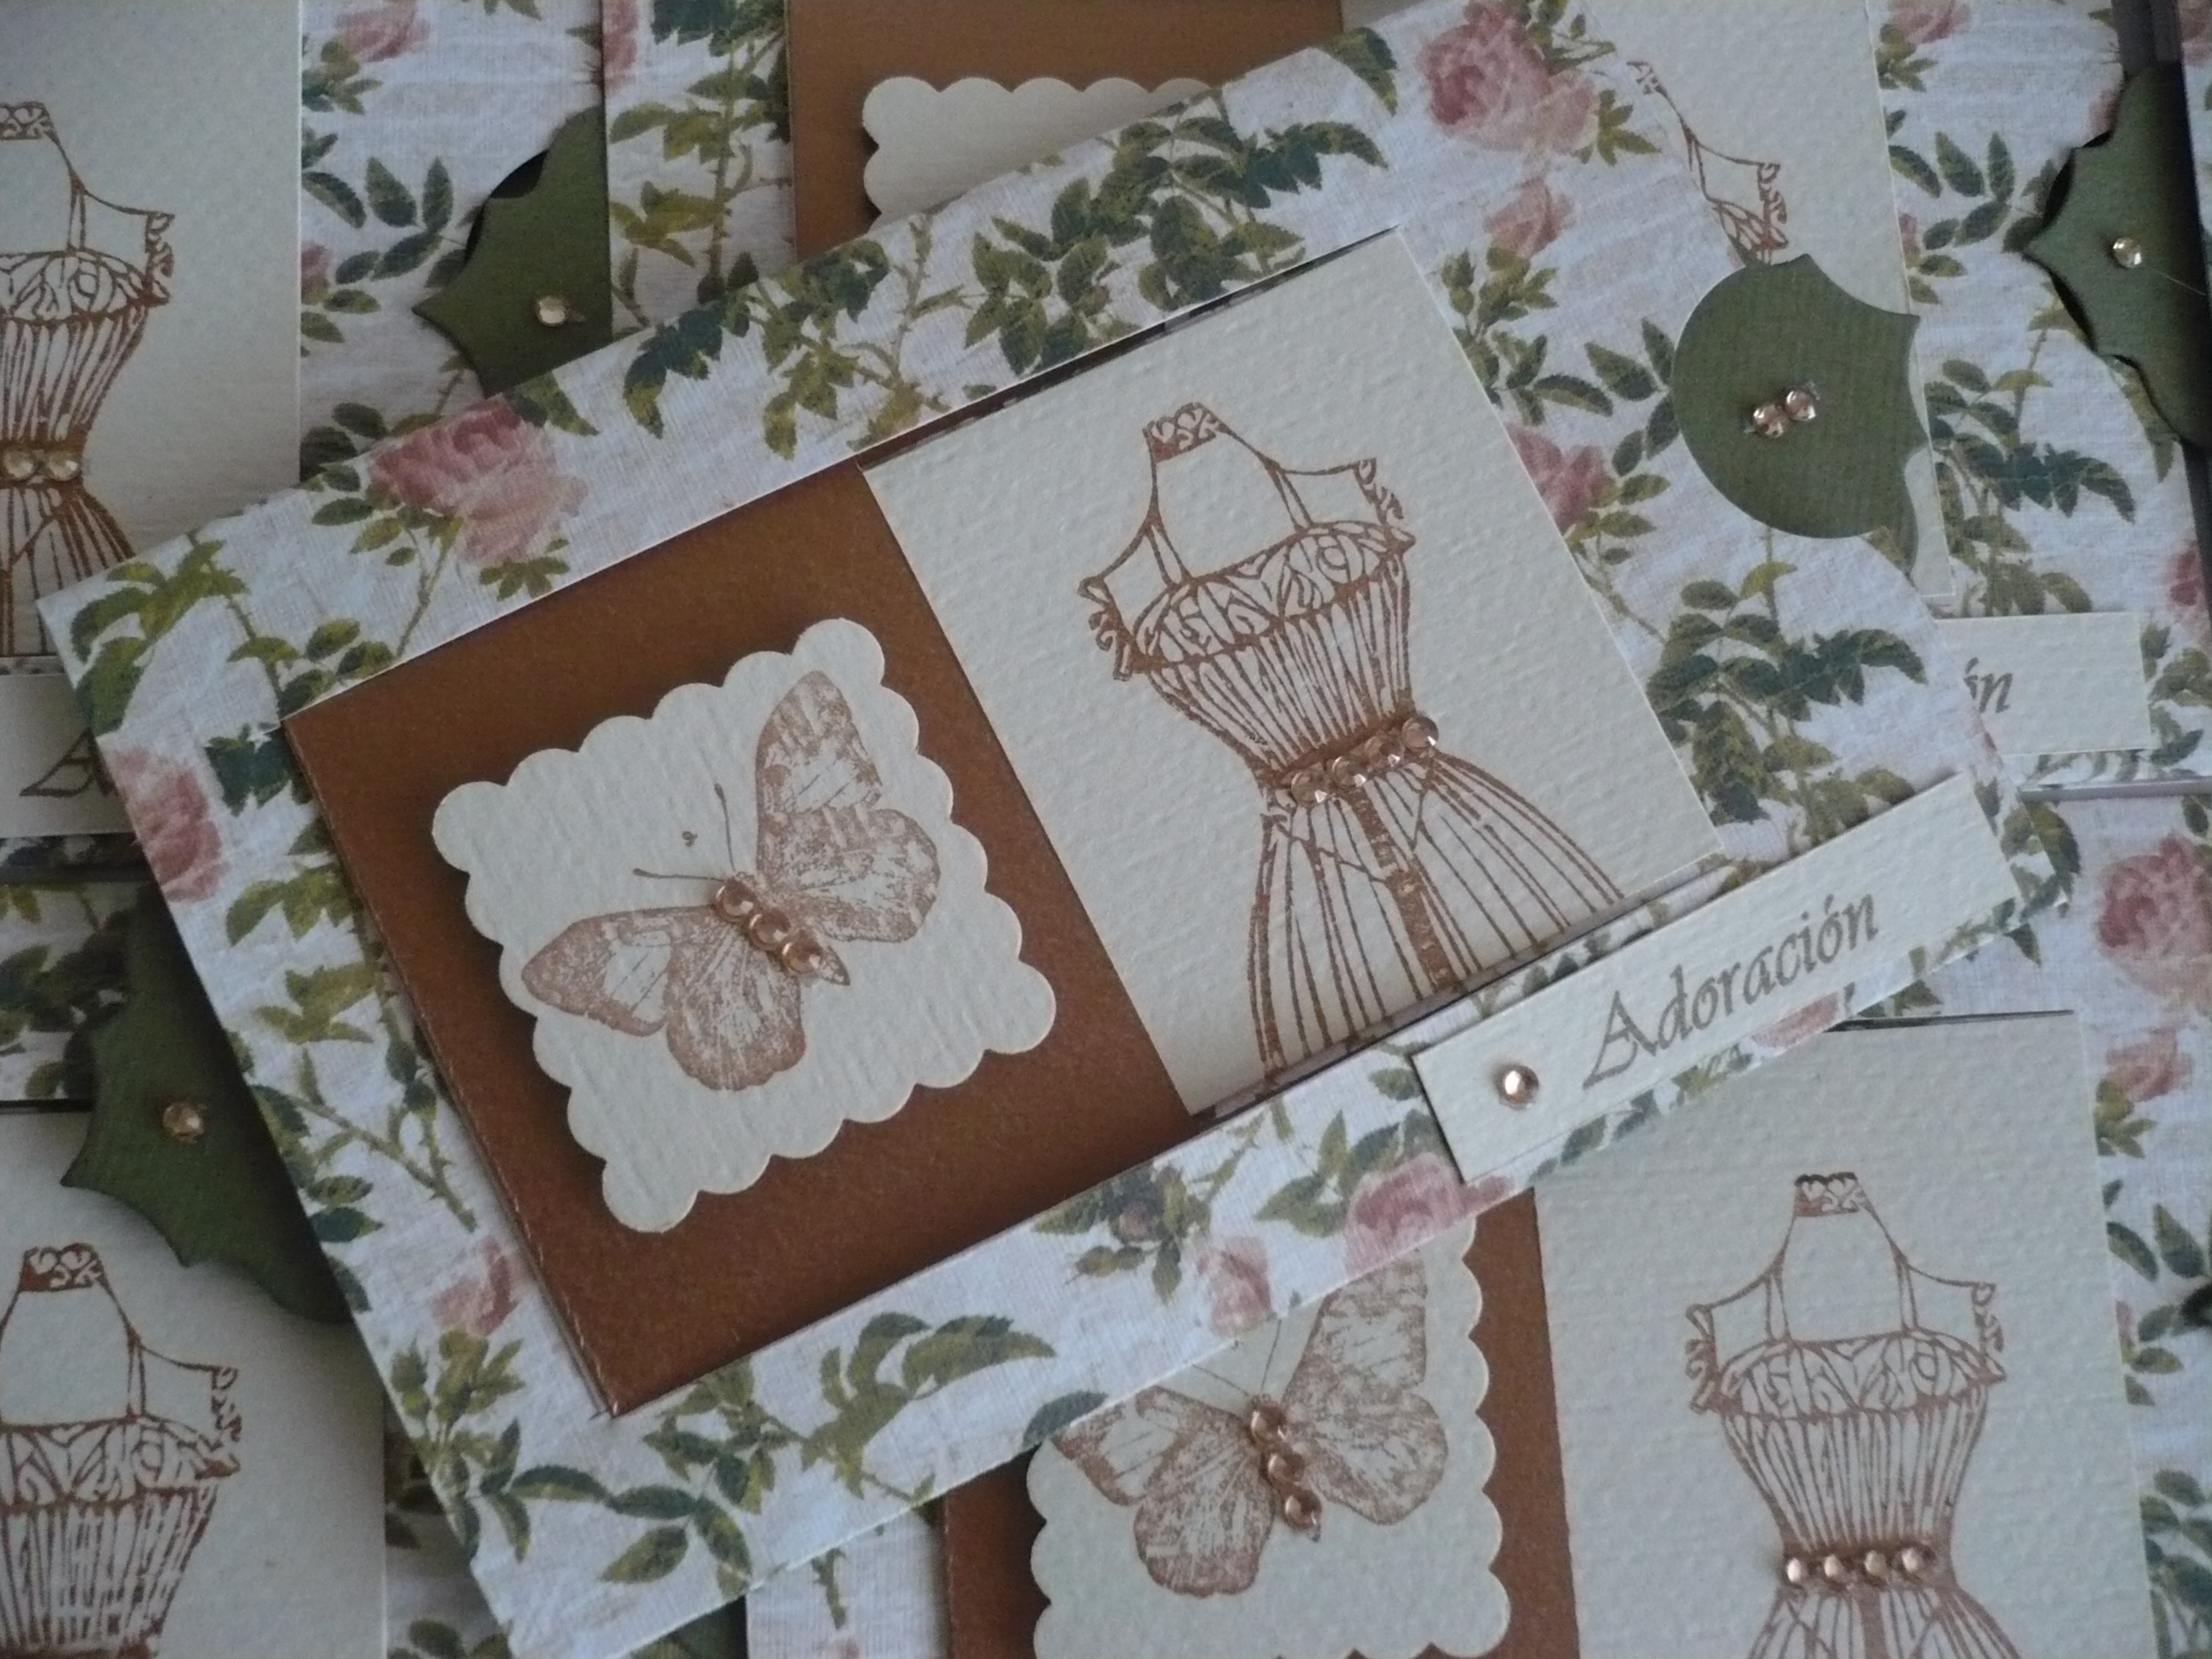 Adoración_(2)_Diseño_de_papel_estampado_vintage_con_aplique_de_sellos_y_strass